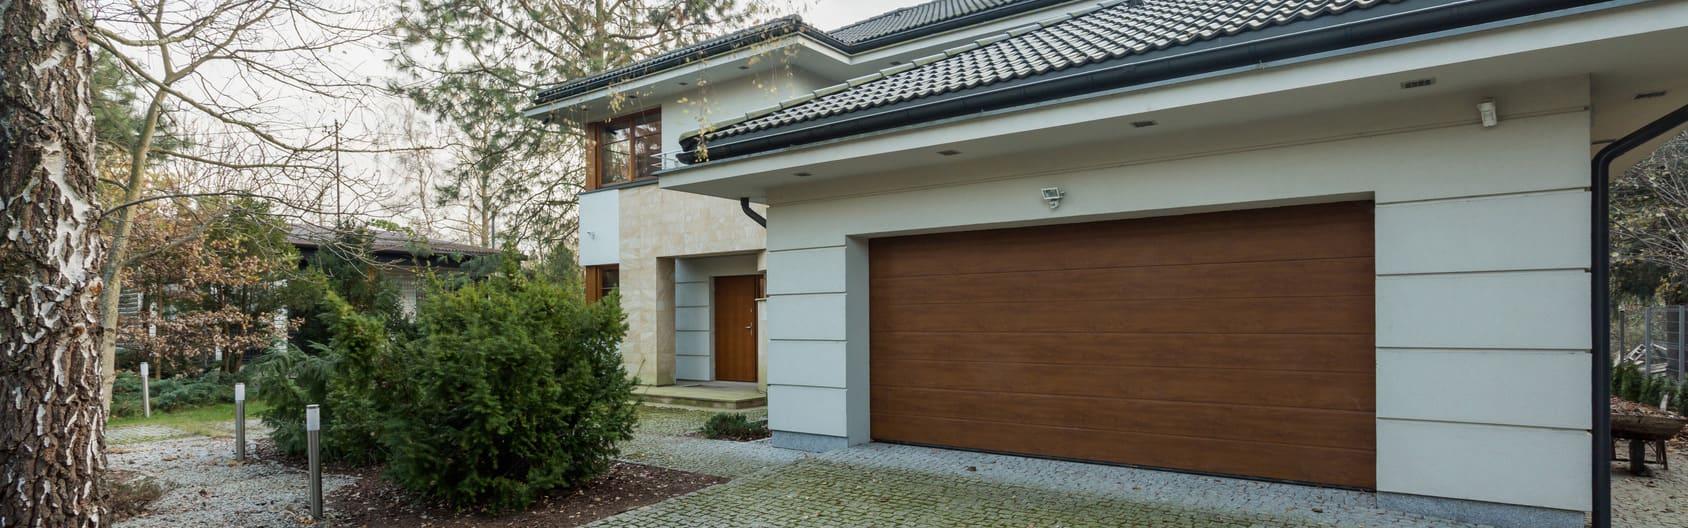 bramy garażowe - drzwi-okna-bramy.com.pl